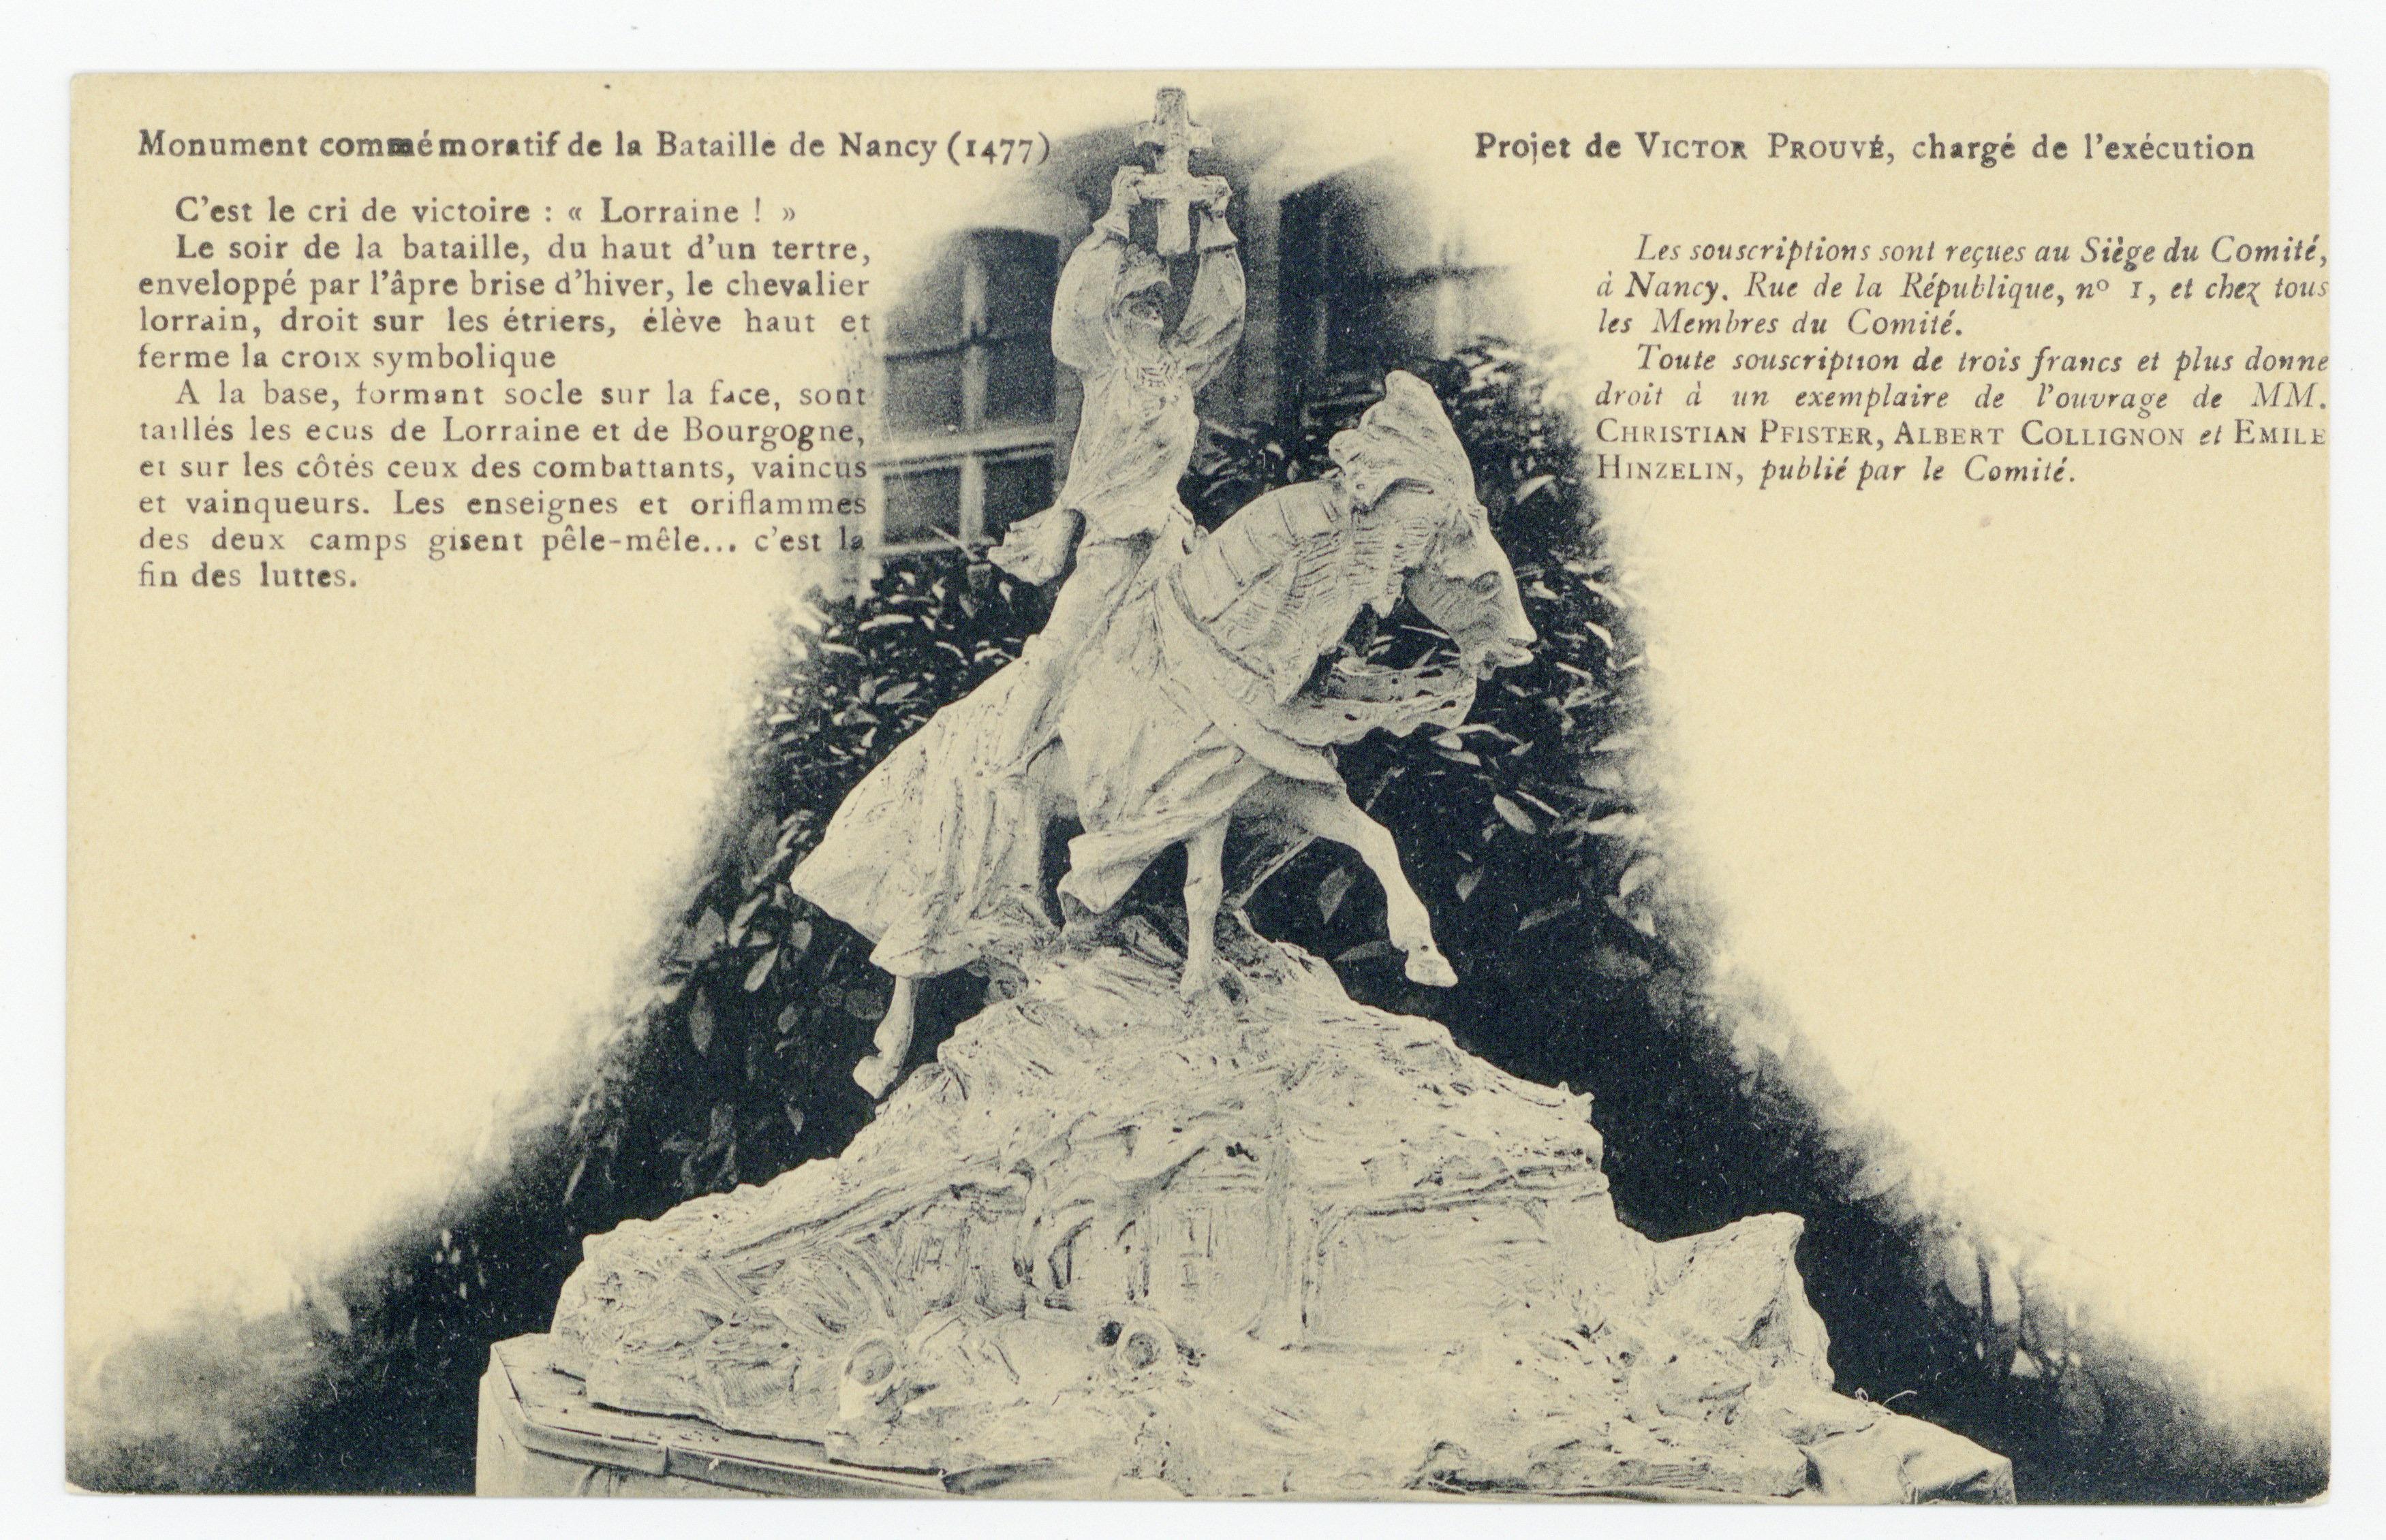 Contenu du Monument commémoratif de la Bataille de Nancy (1477) : projet de Victor Prouvé, chargé de l'exécution